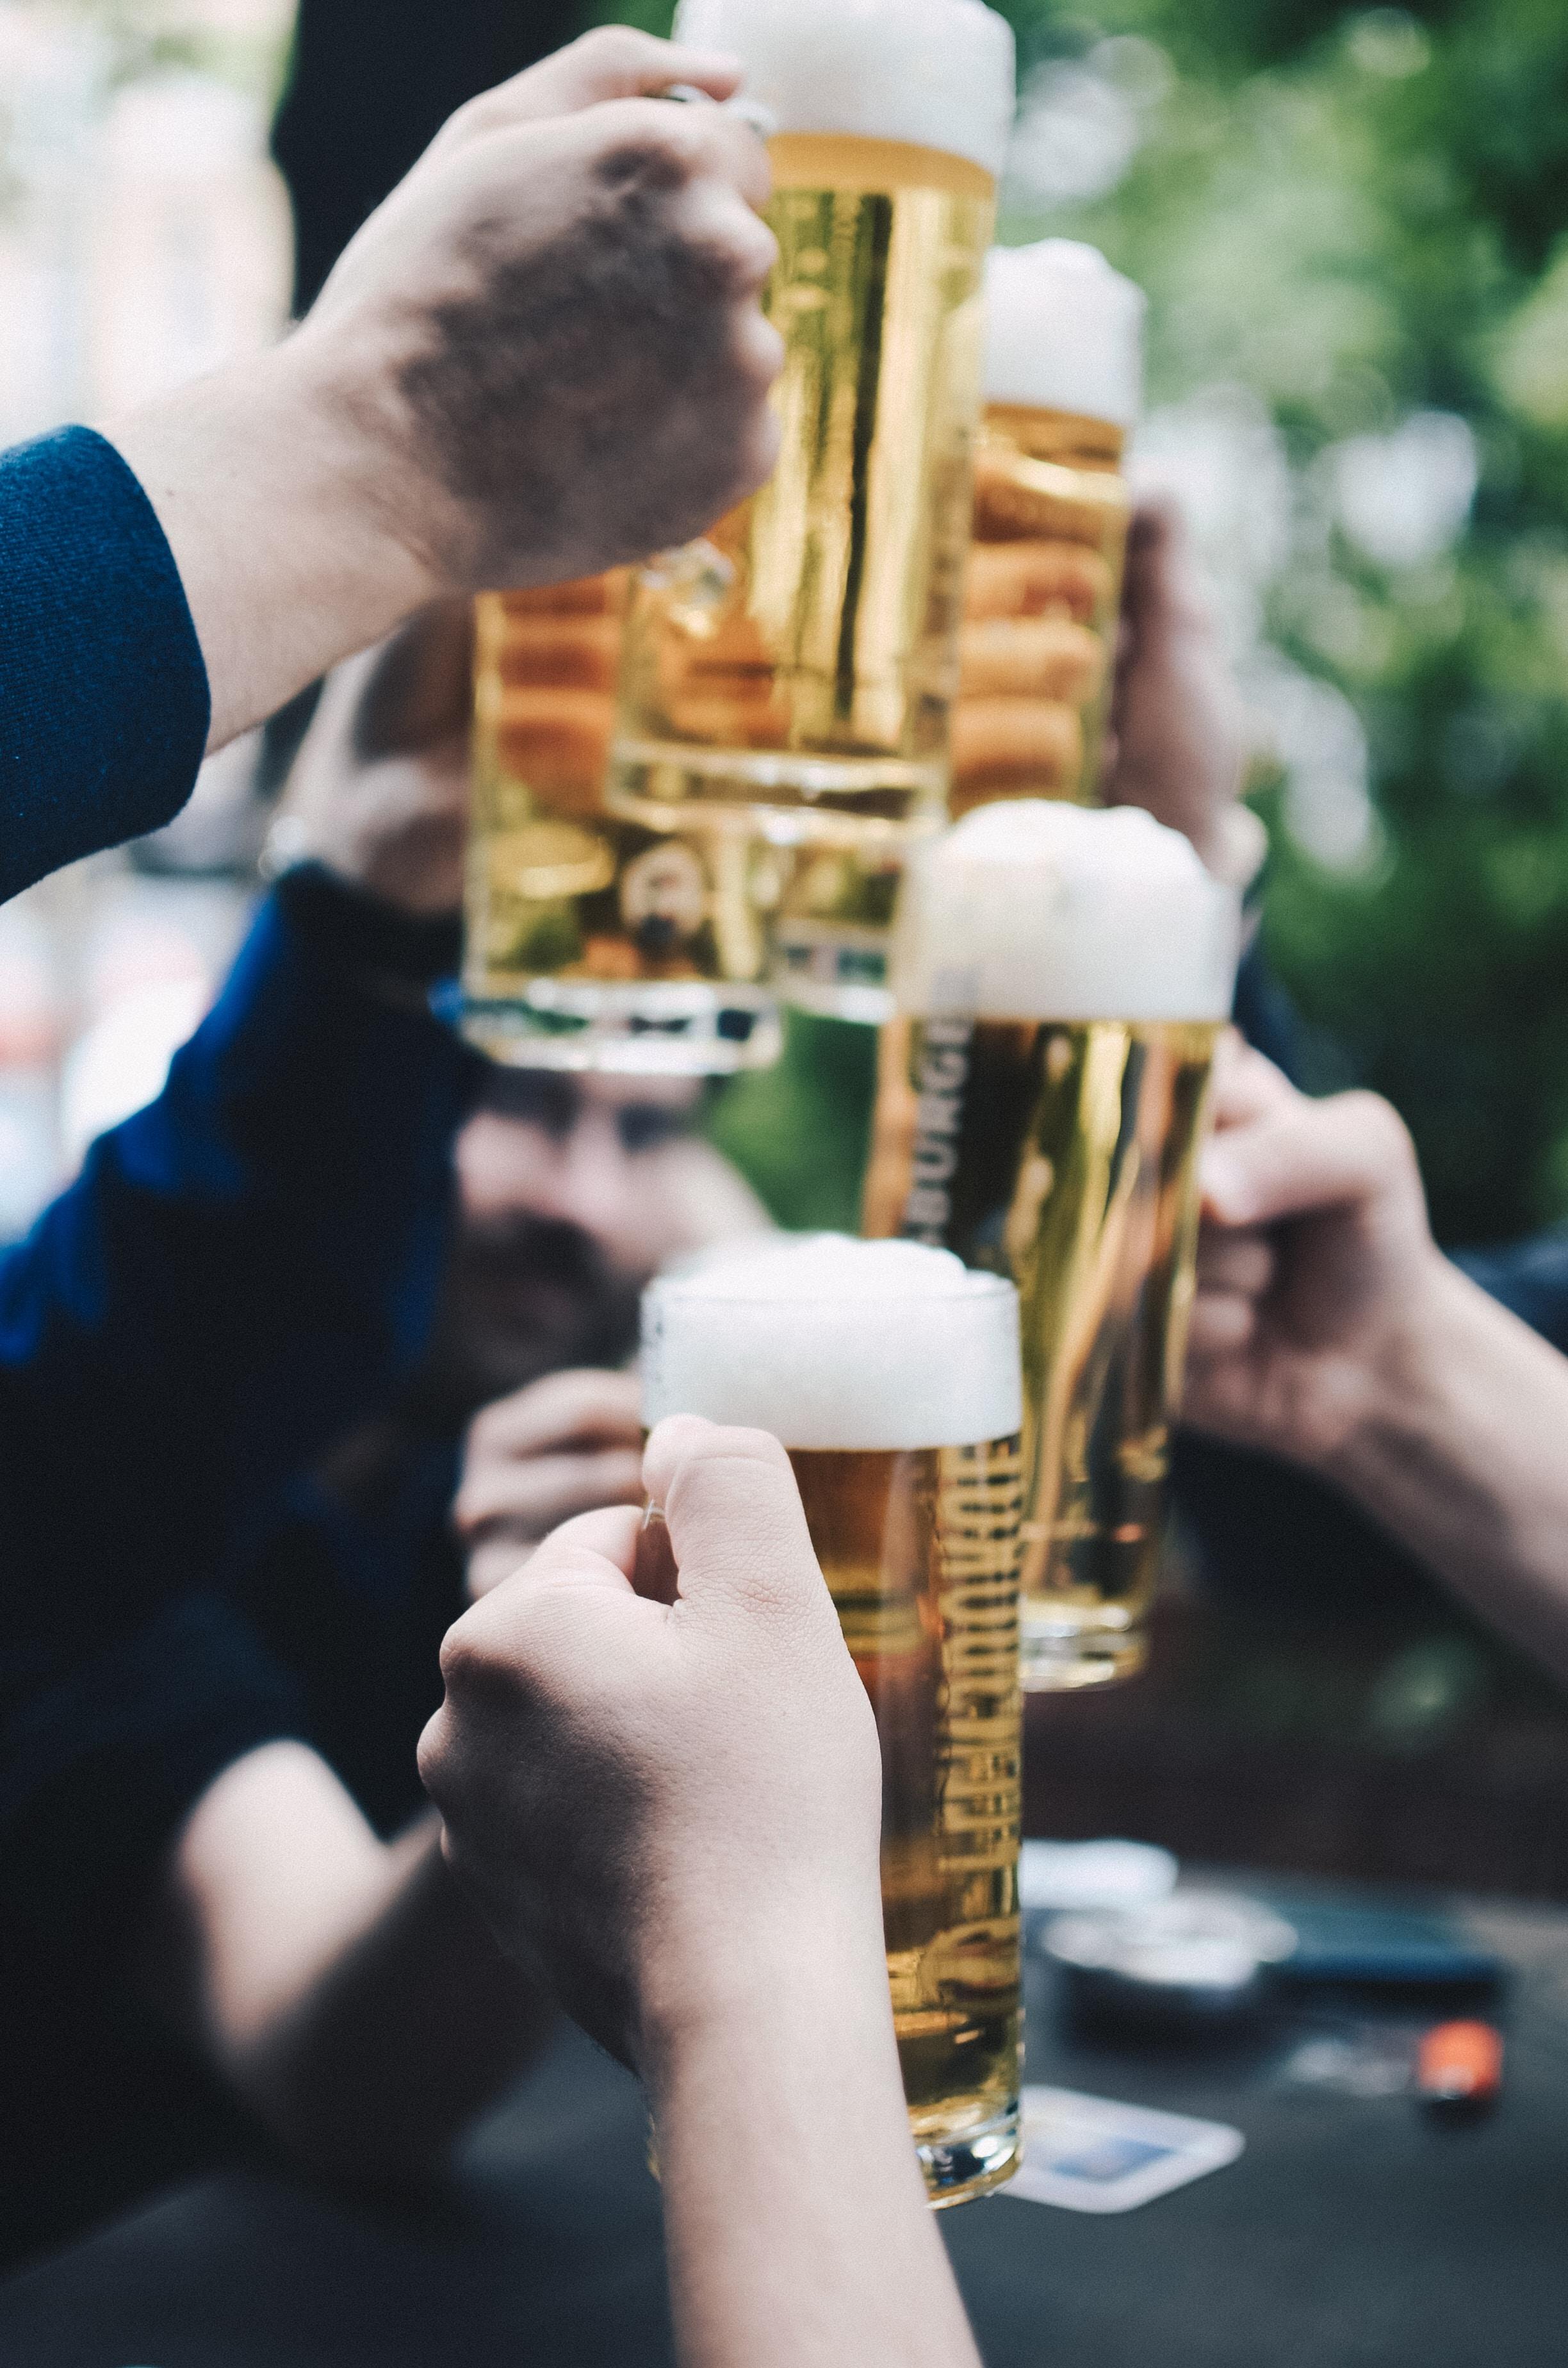 Several hands holding beer glasses